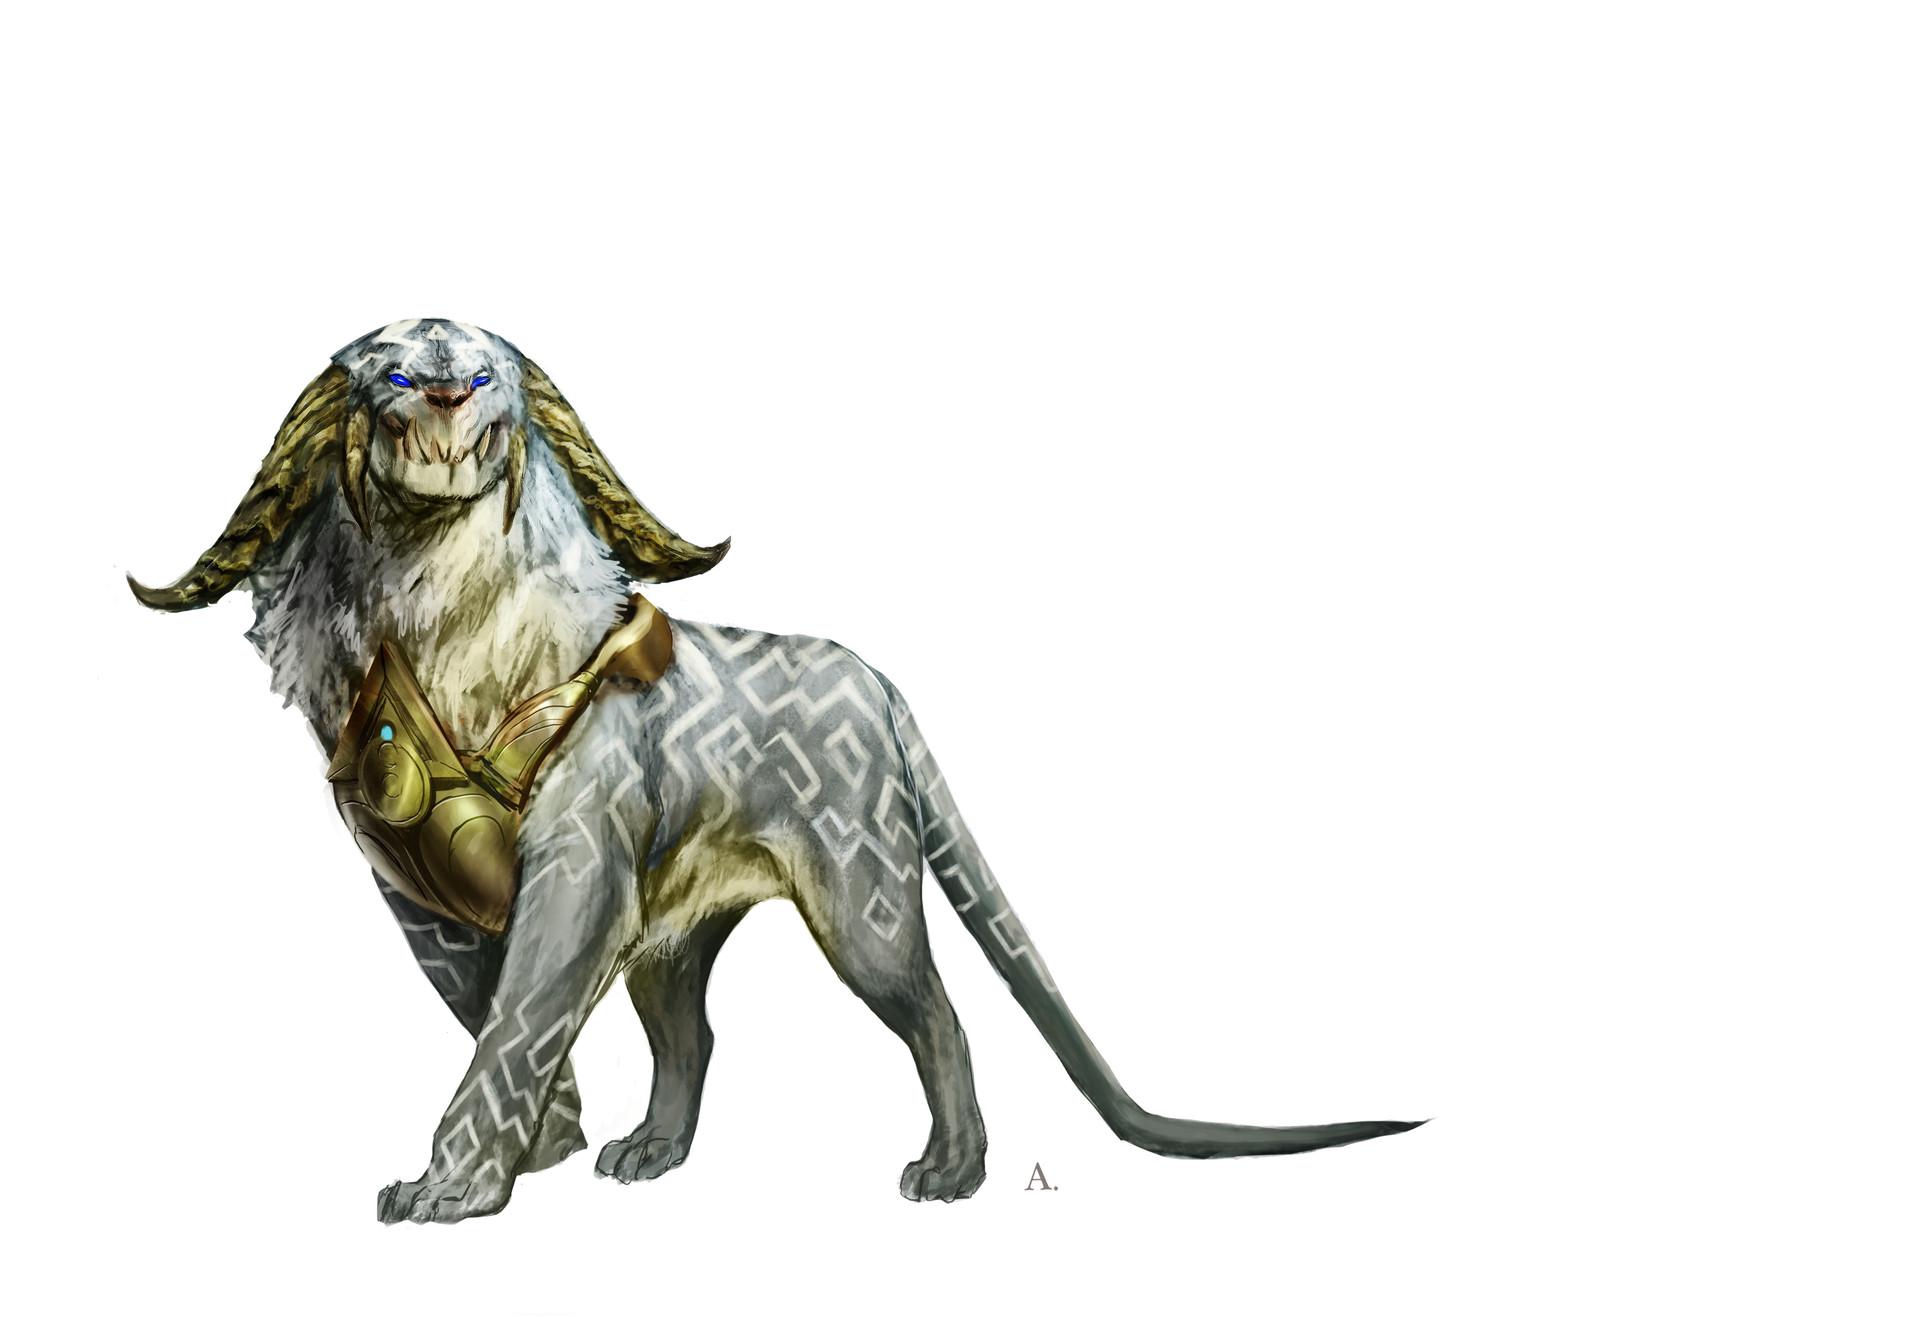 Aleksi briclot magic hook concept azorius creature lion 01